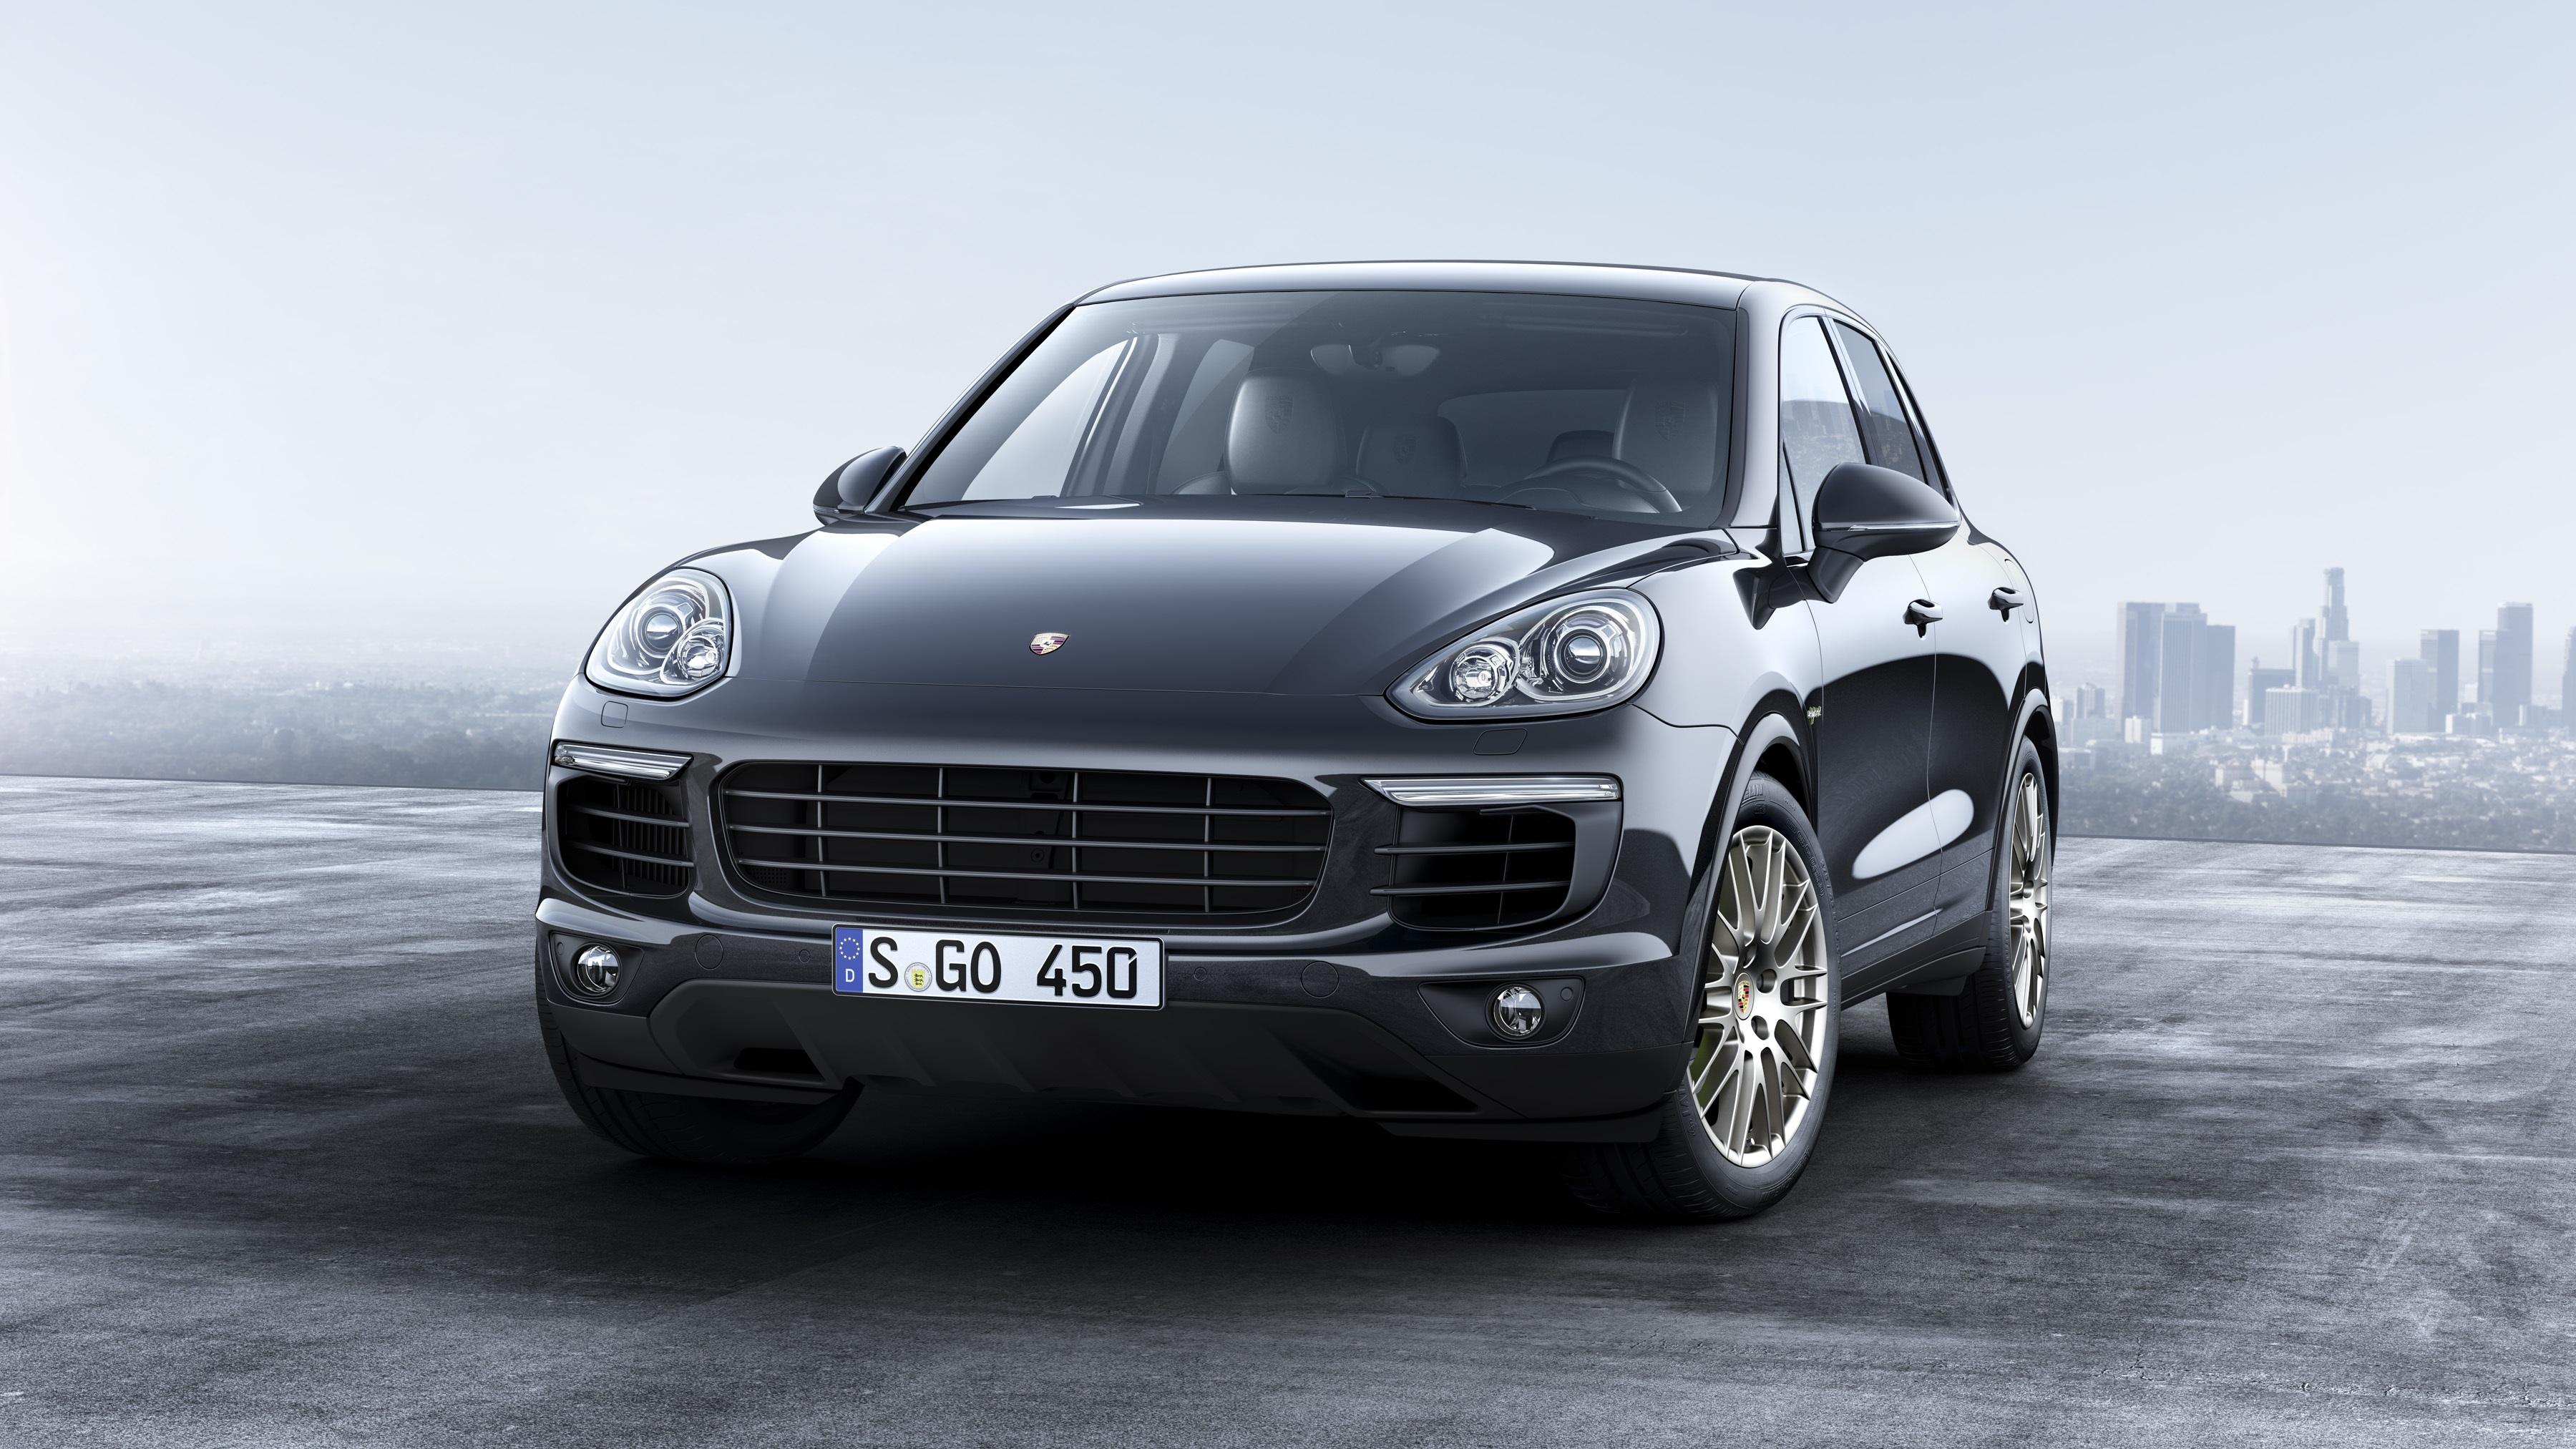 Porsche inicia vendas do Cayenne Platinum Edition